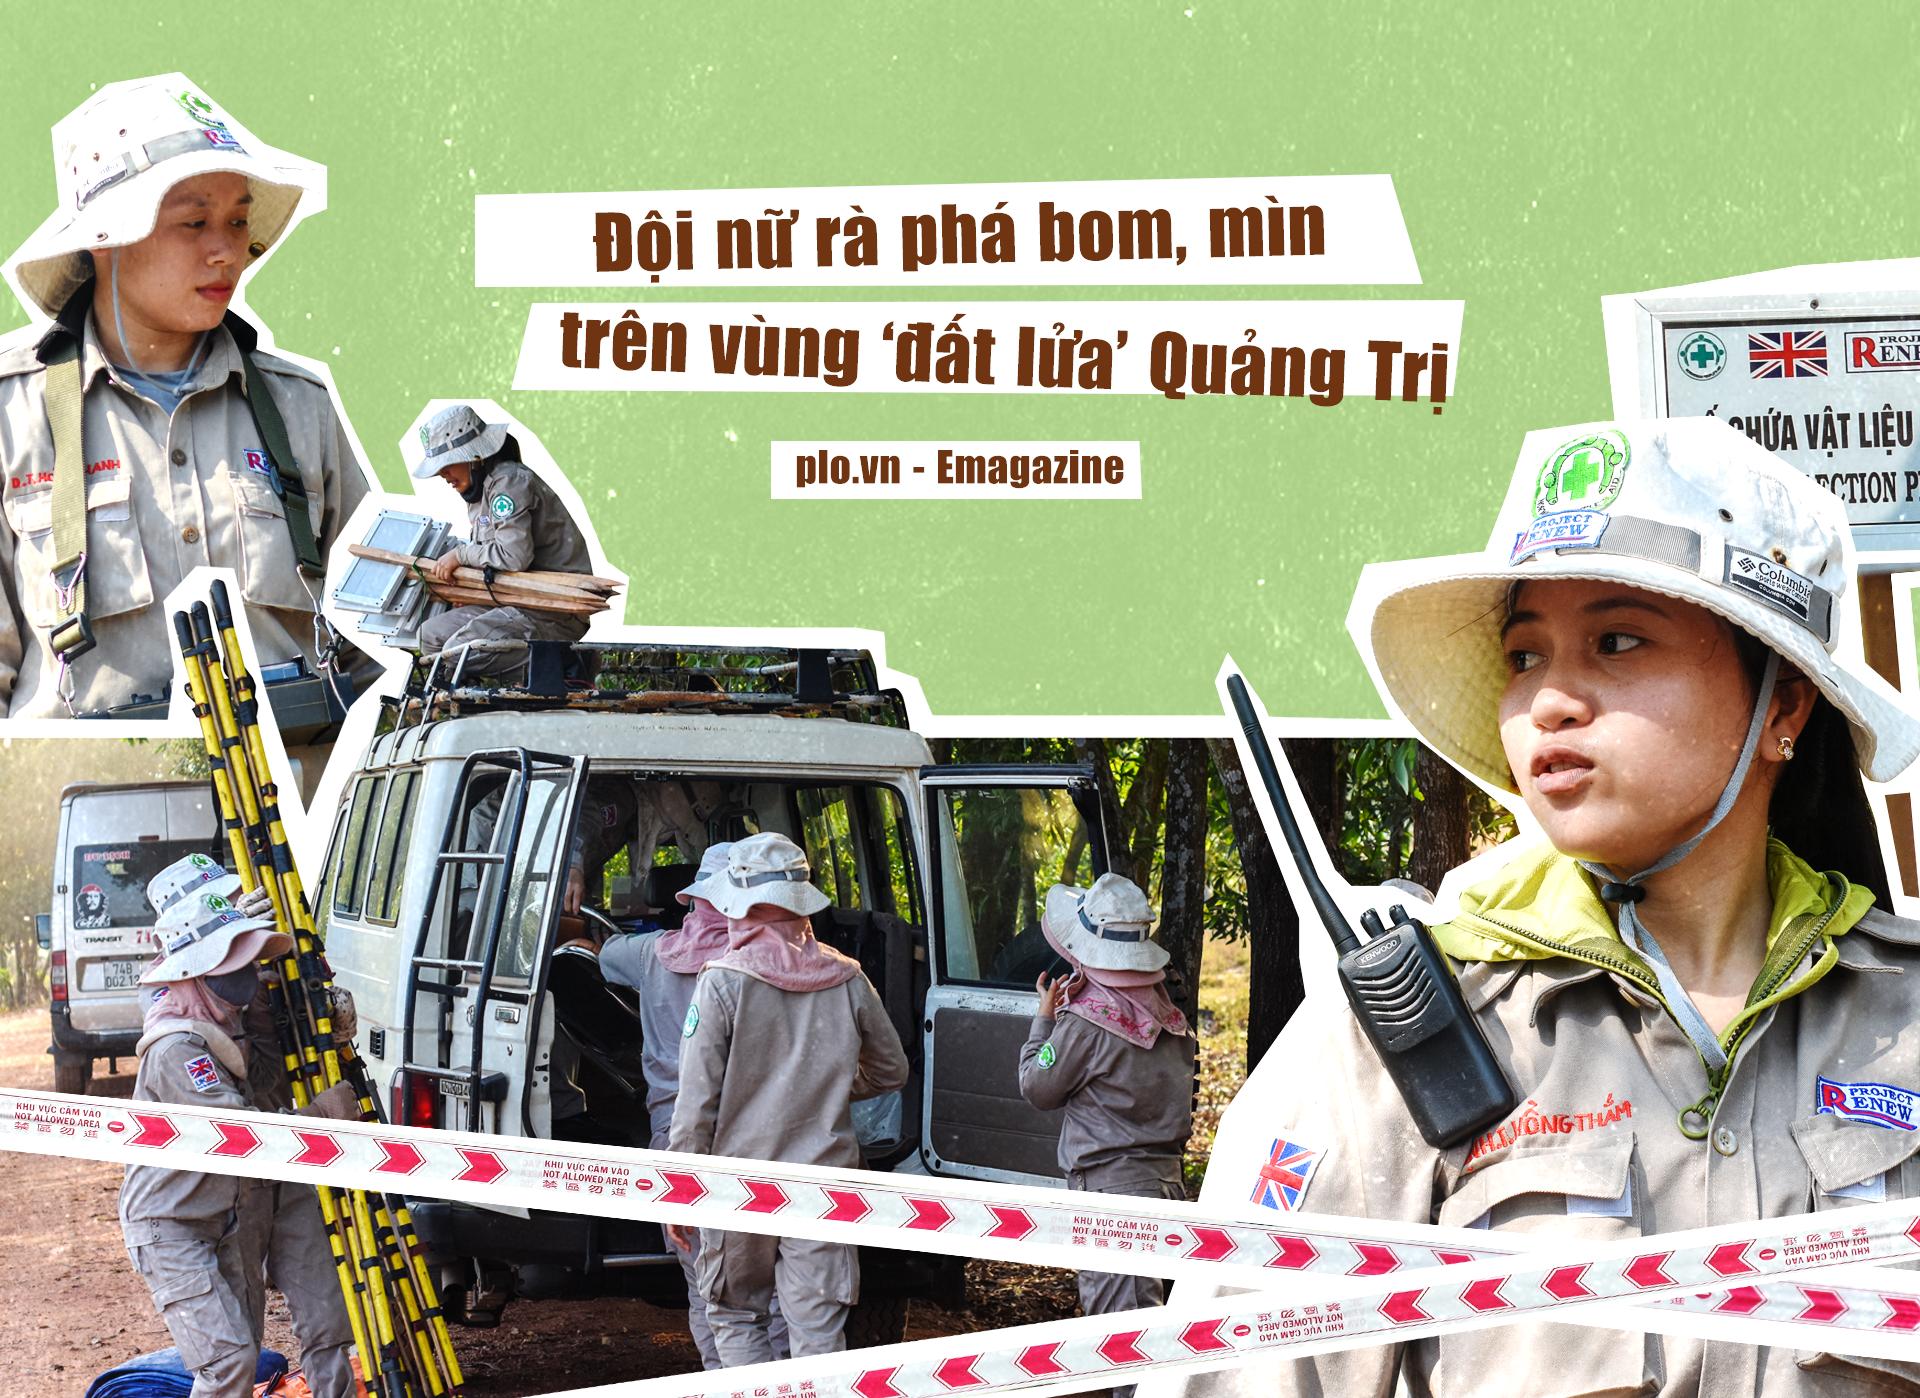 Đội nữ rà phá bom, mìn vùng 'đất lửa' Quảng Trị